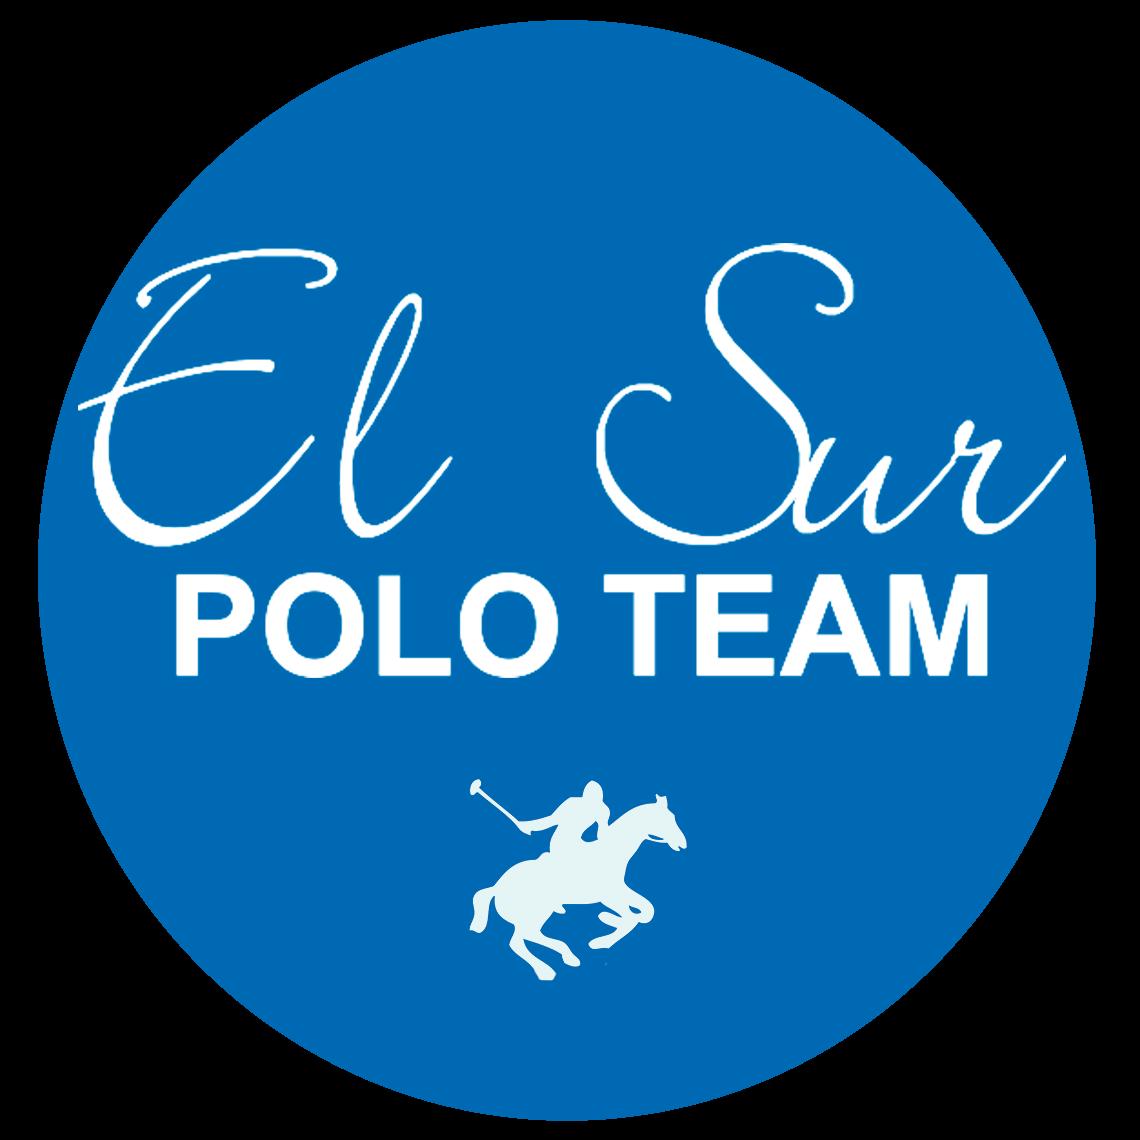 ElSur Polo